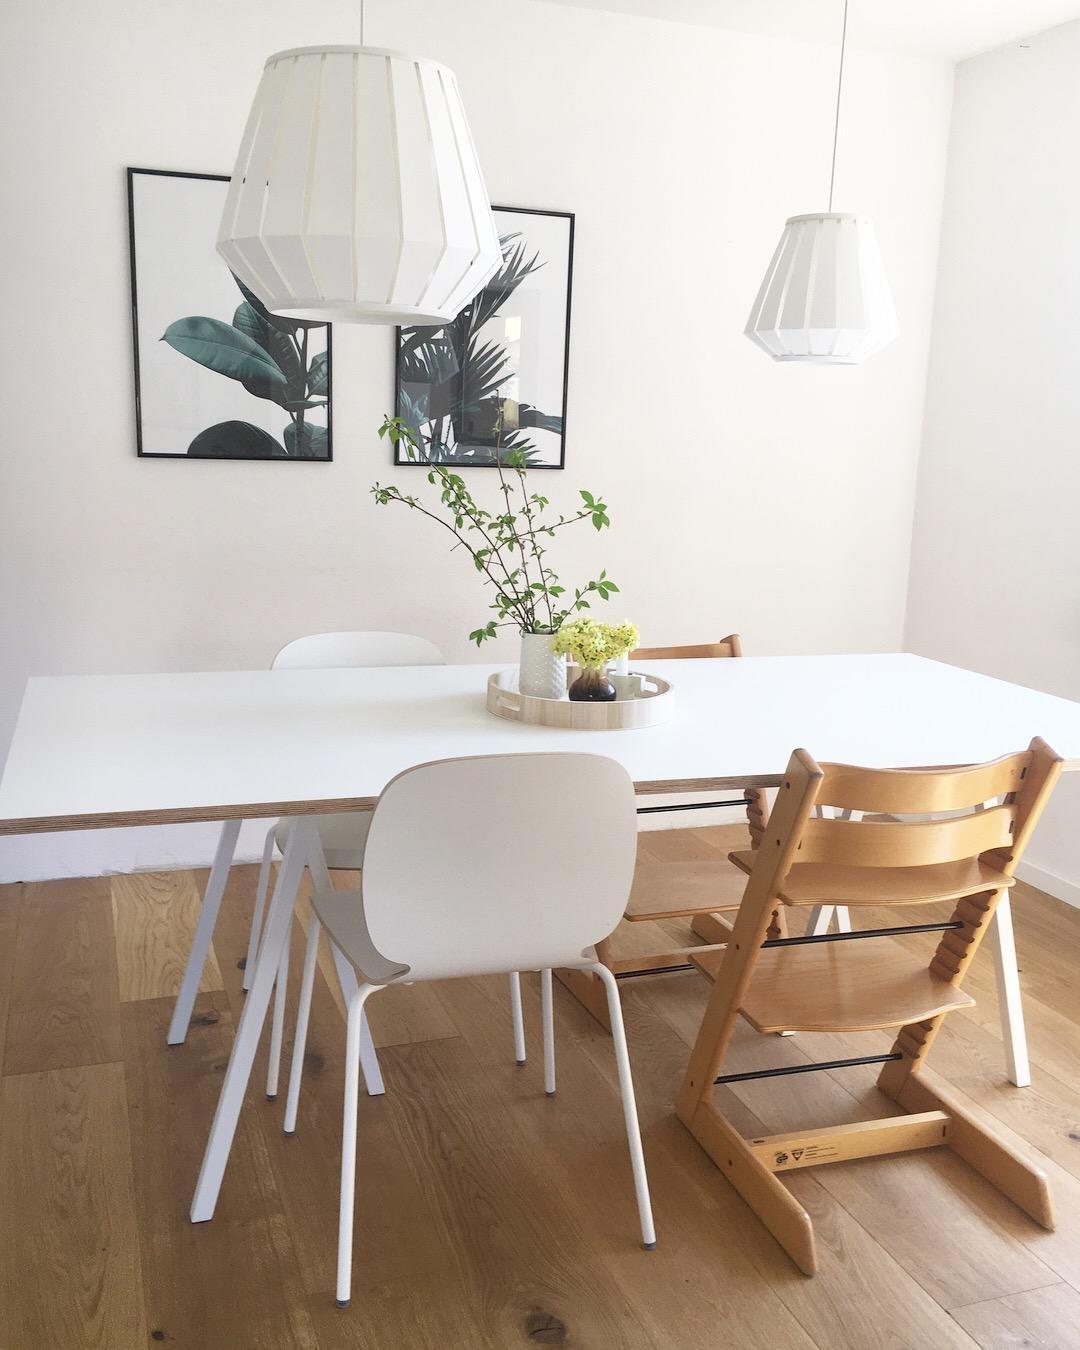 Full Size of Ikea Sofa Mit Schlaffunktion Miniküche Küche Kaufen Kosten Betten Bei Modulküche 160x200 Wohnzimmer Hängelampen Ikea